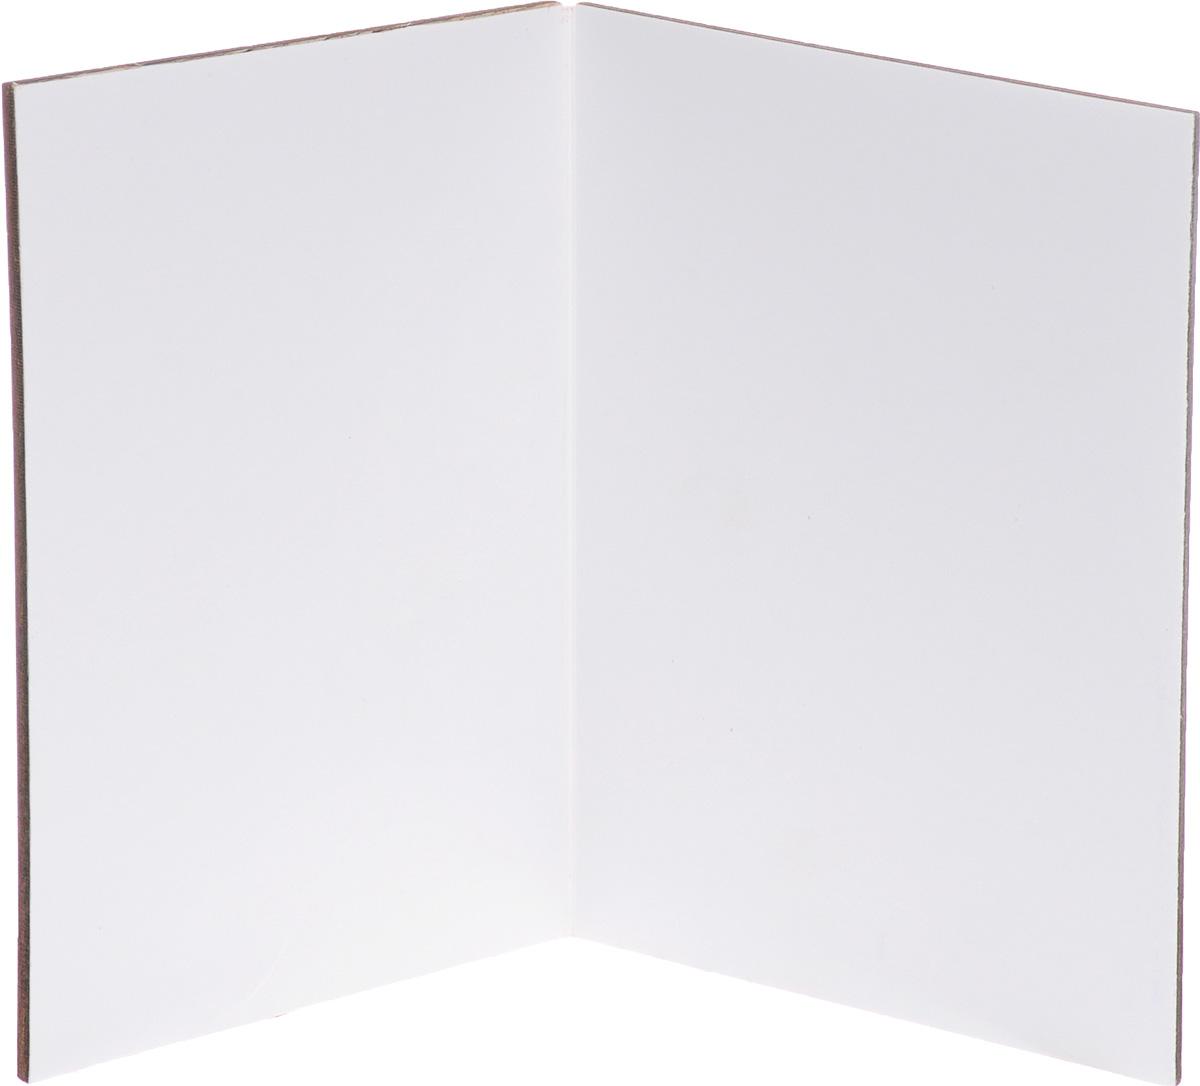 Открытка авторская Optcard 024-W, коричневый Optcard